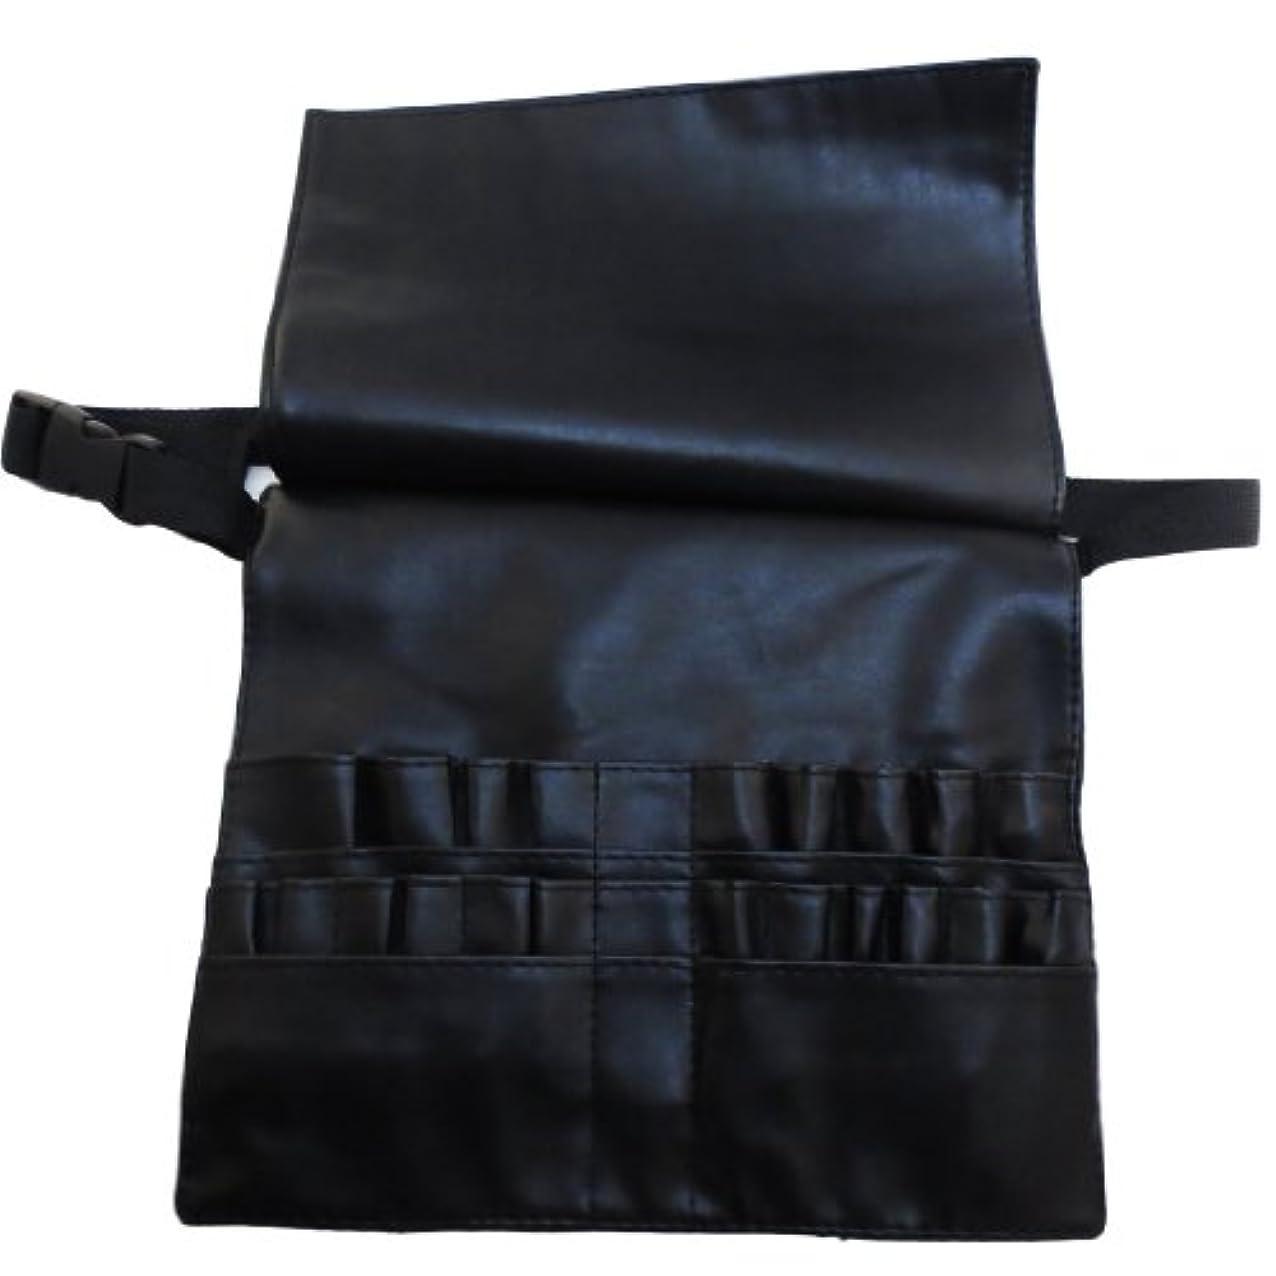 ライトニング独立翻訳する[モノジー] MONOZY メイクブラシ ケース 蓋付き プロ用 腰巻き メイク バッグ カラビナ セット